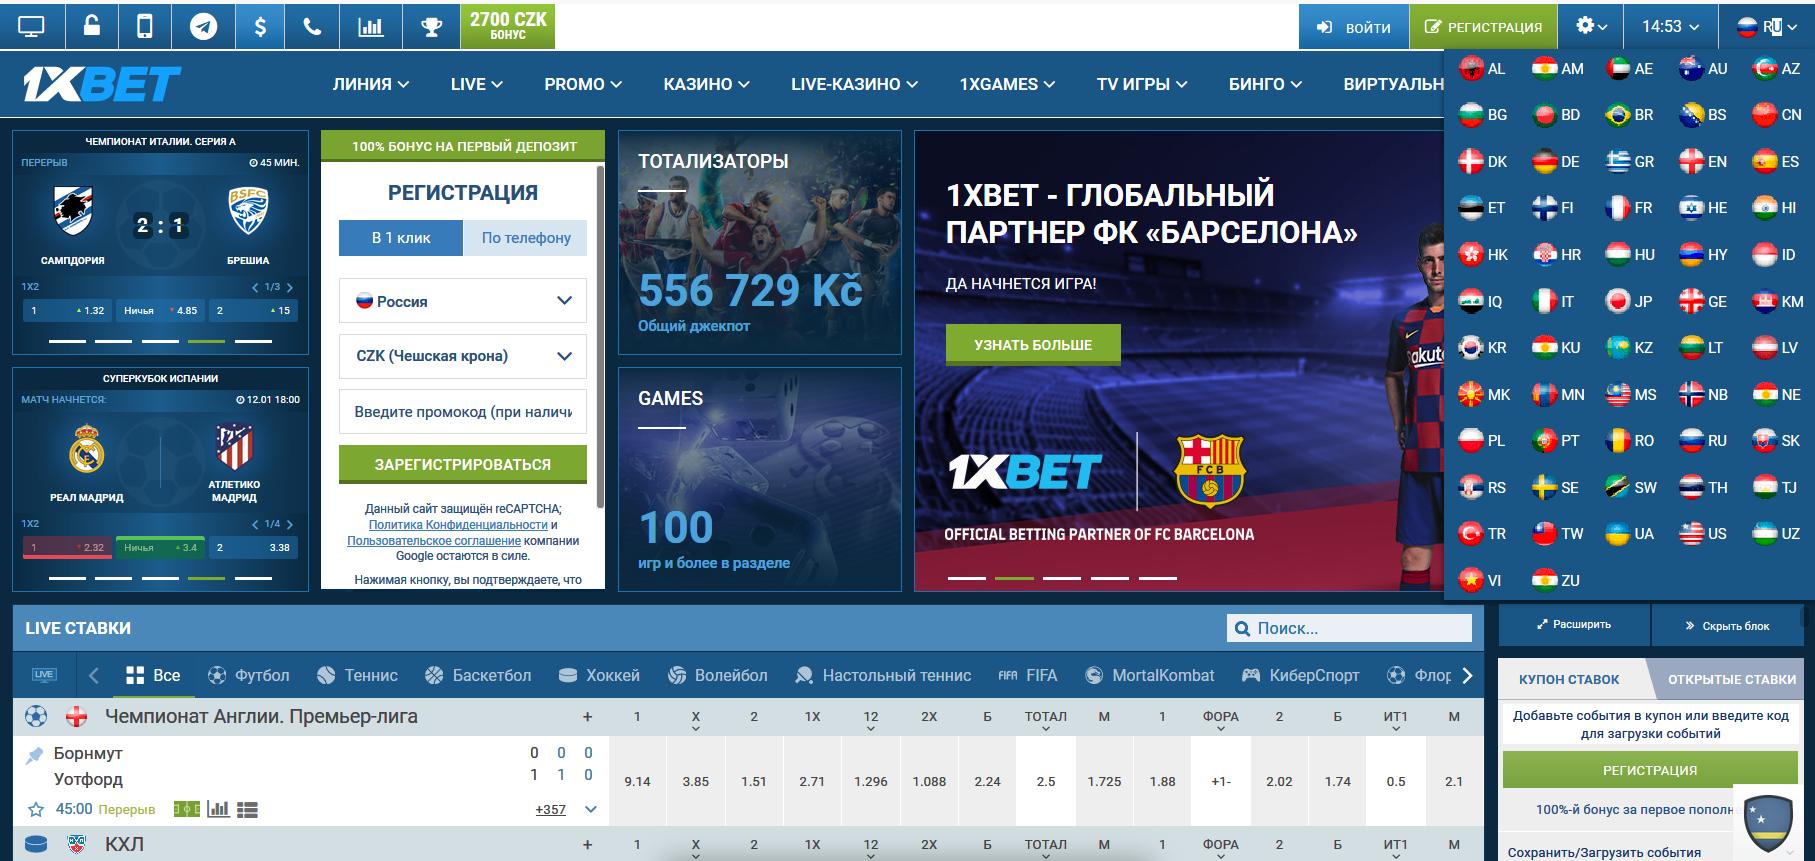 Международный сайт 1xbet для игроков со всего мира